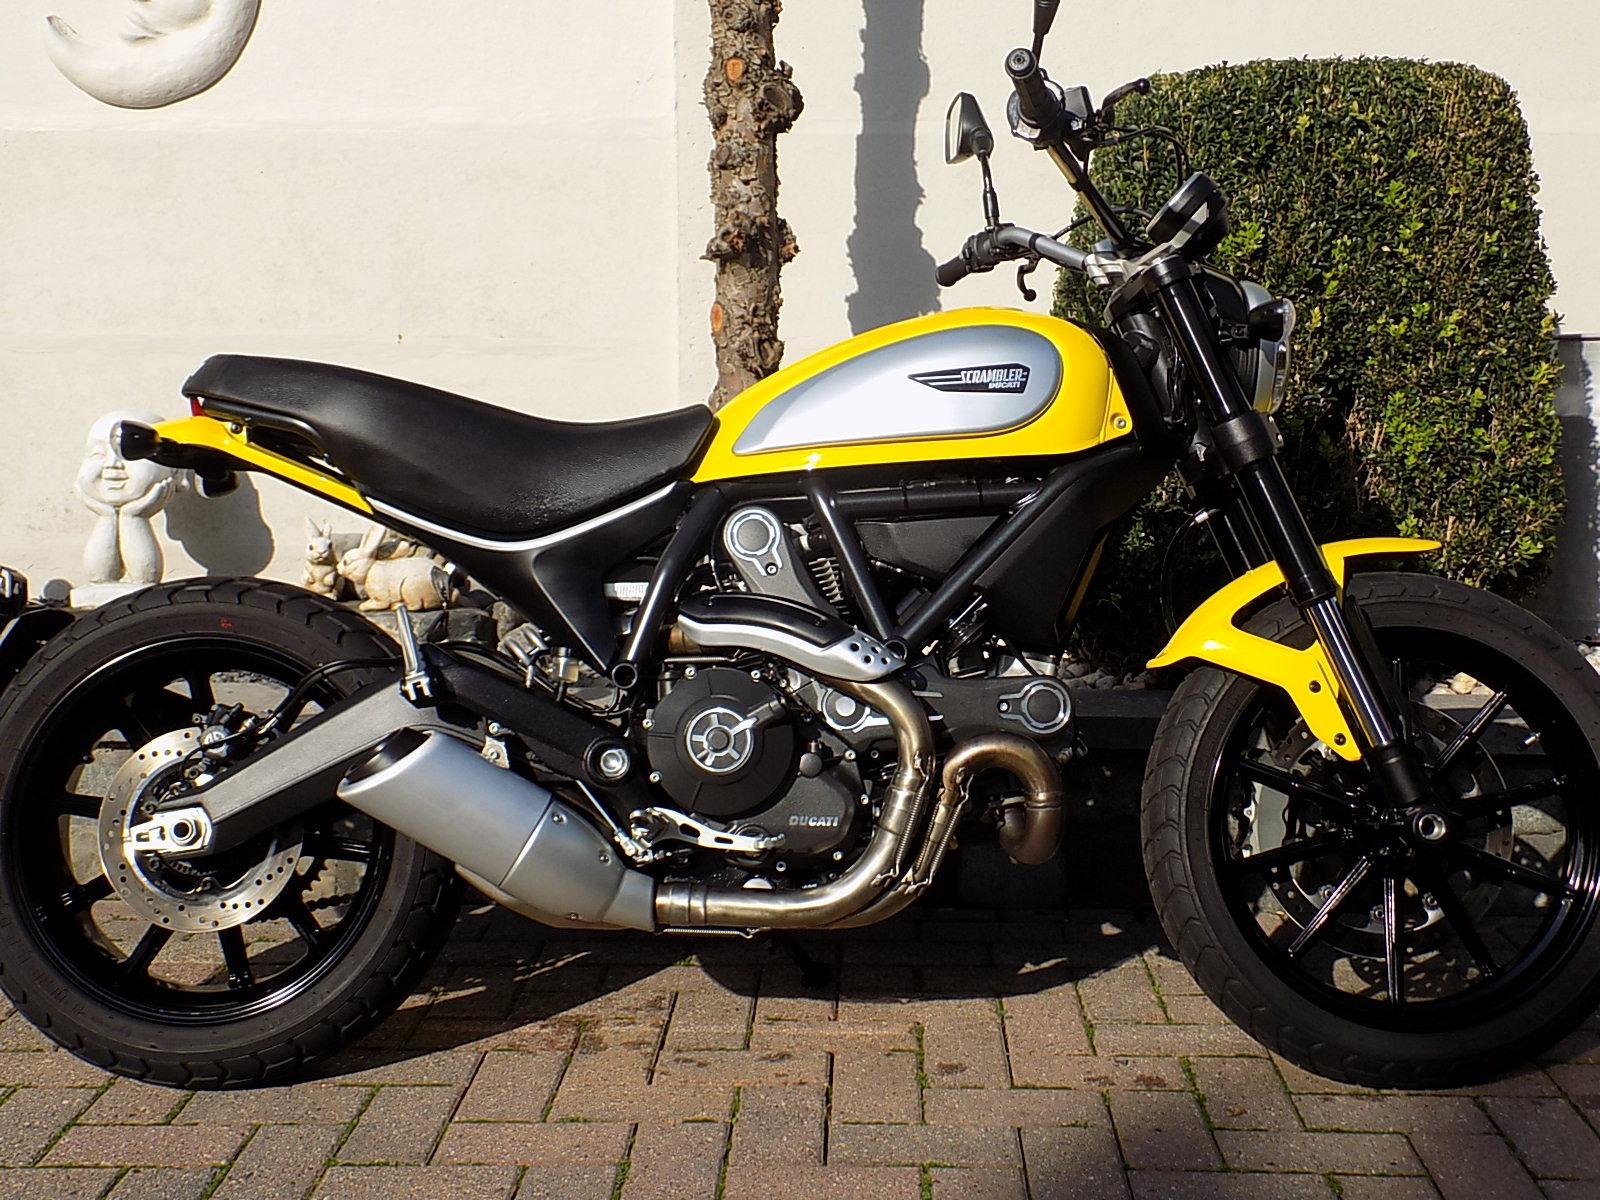 ducati scrambler icon 800cc (VERKOCHT)!!!